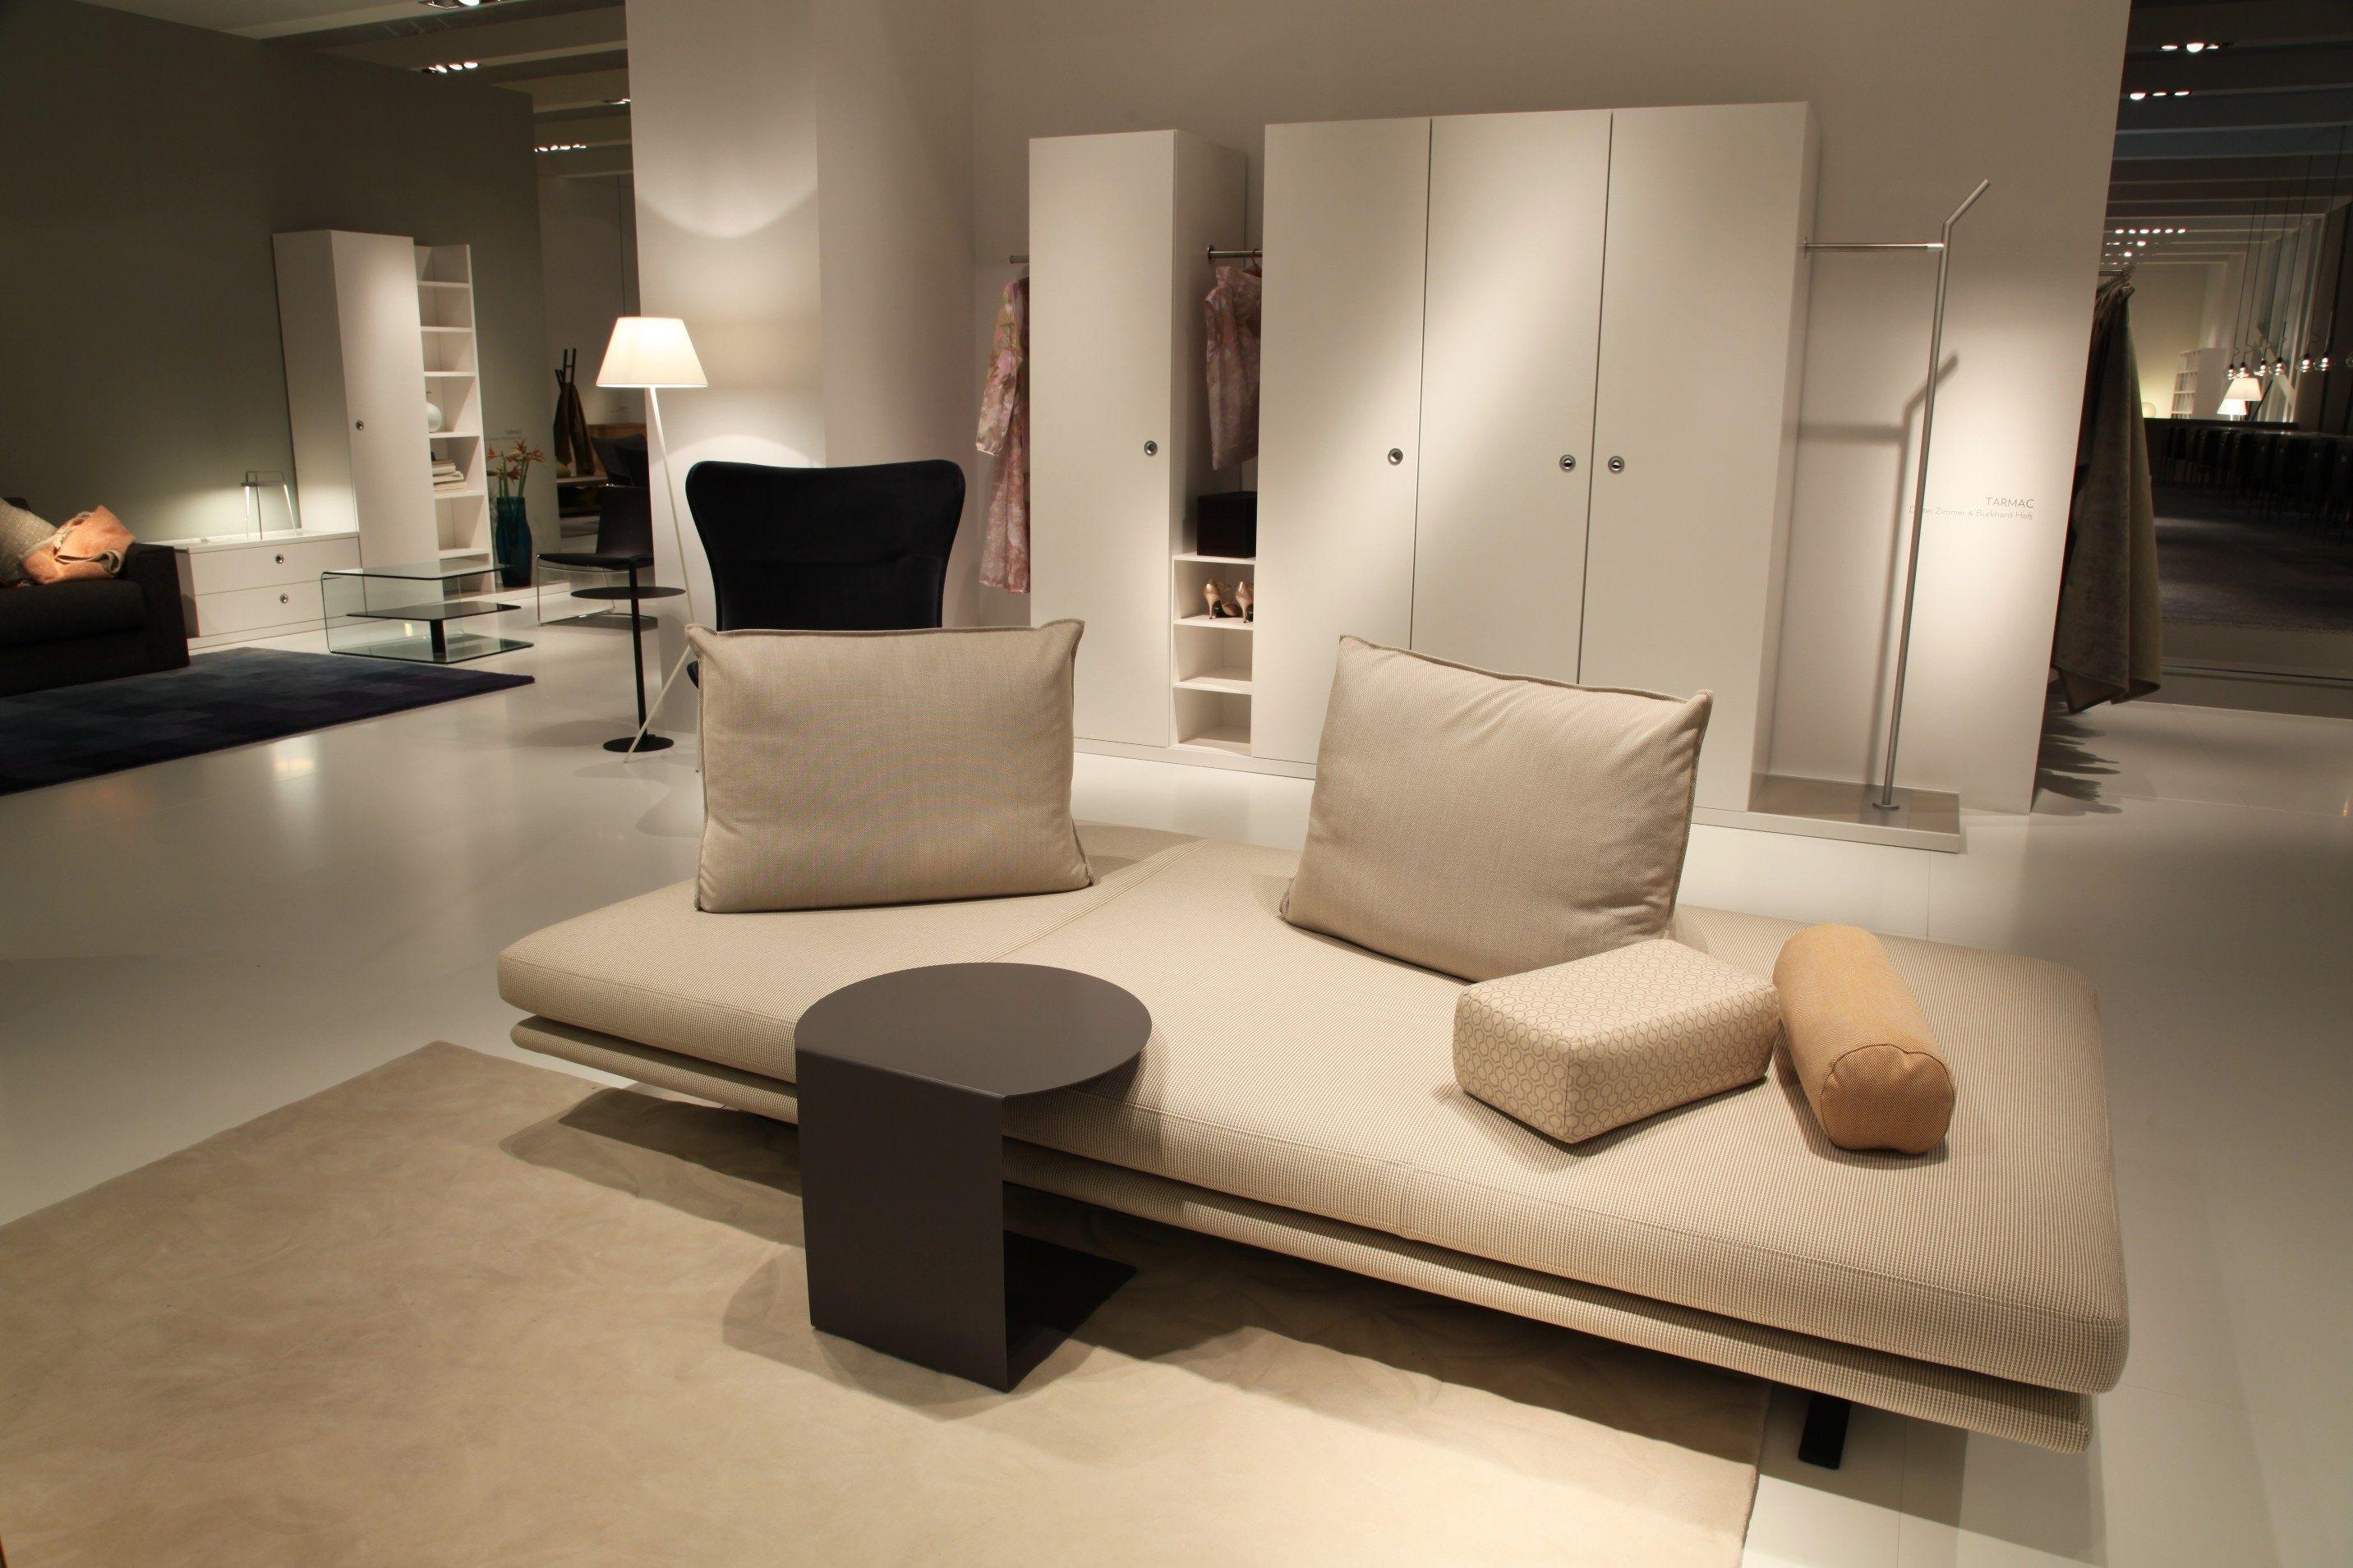 upholstered fabric bench prado by roset italia design christian werner. Black Bedroom Furniture Sets. Home Design Ideas